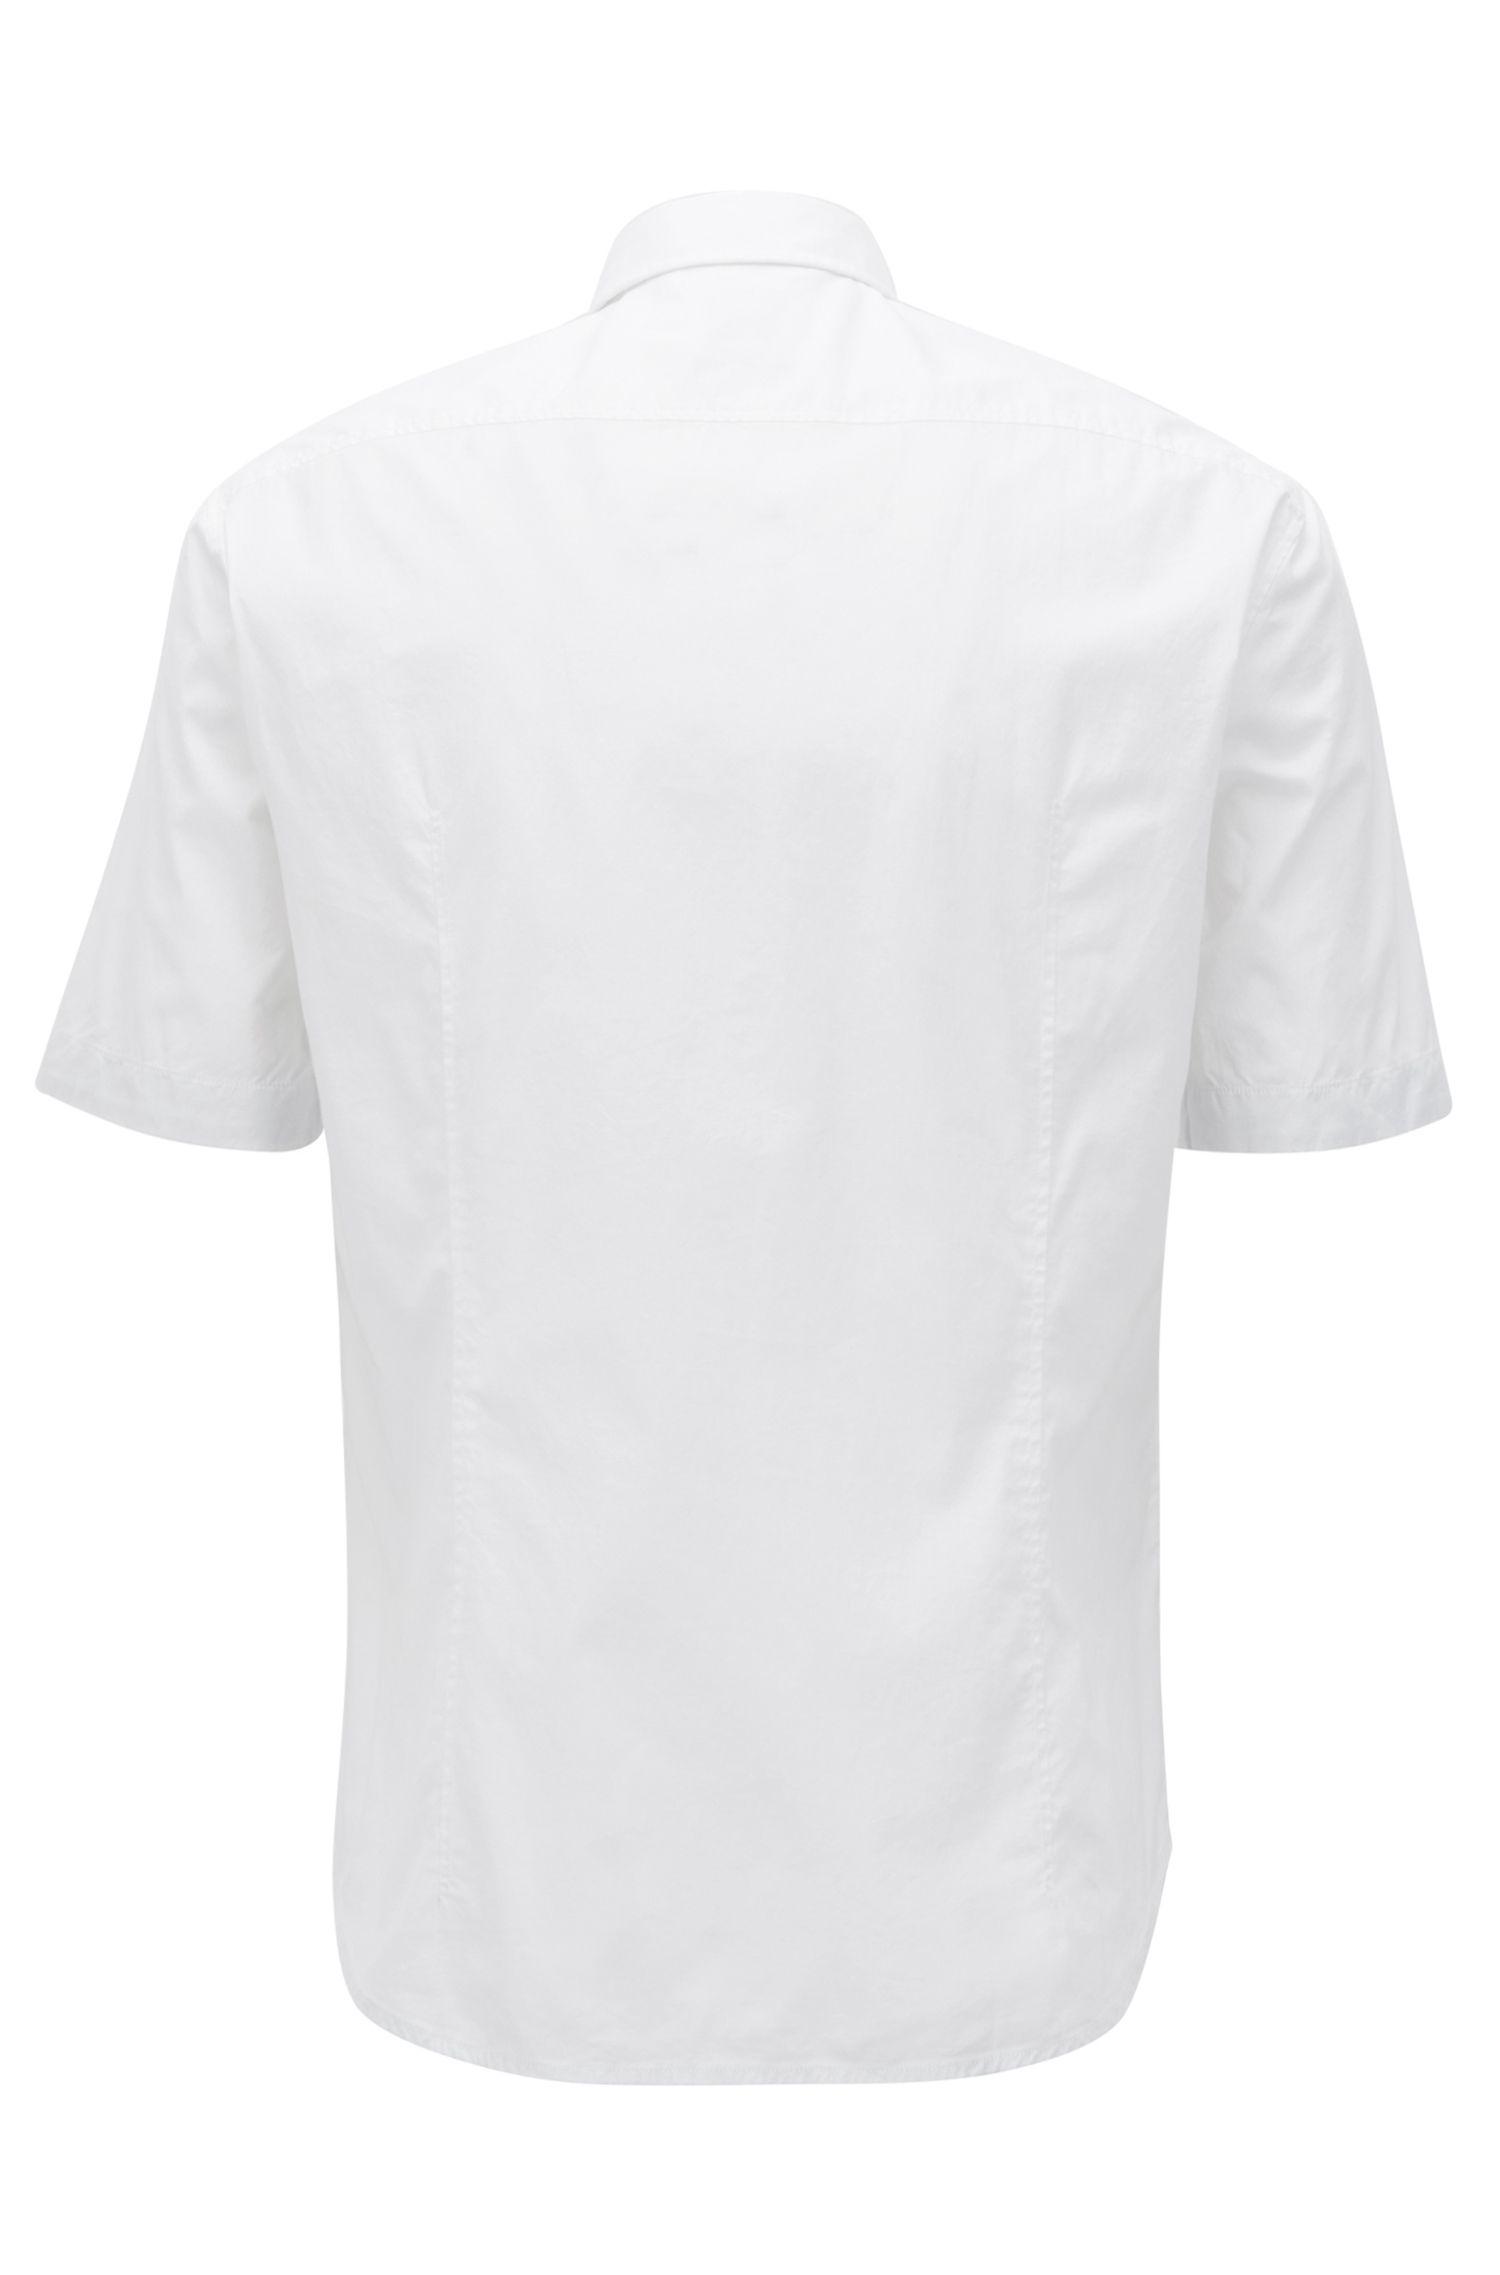 Regular-fit overhemd met korte mouwen en vochtafvoerende eigenschappen, Wit